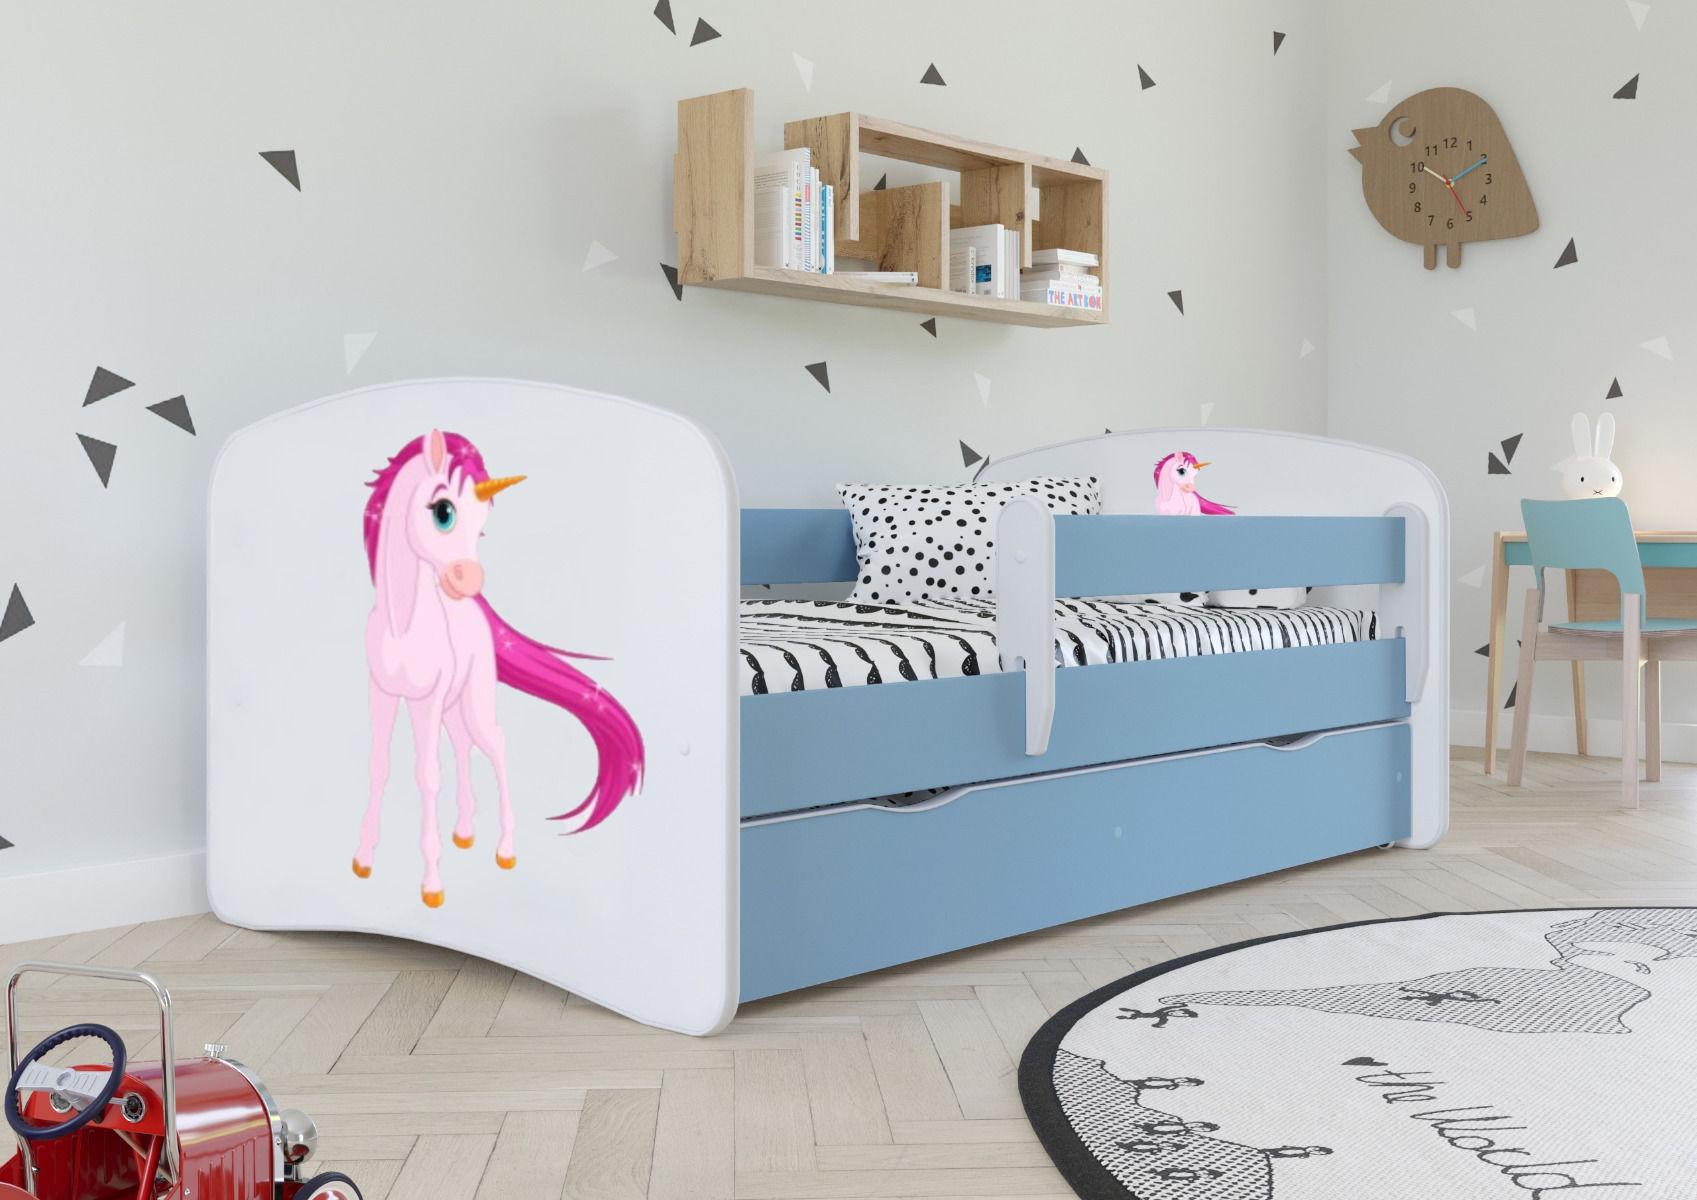 Łóżko dziecięce BABY DREAMS jednorożec 180x80